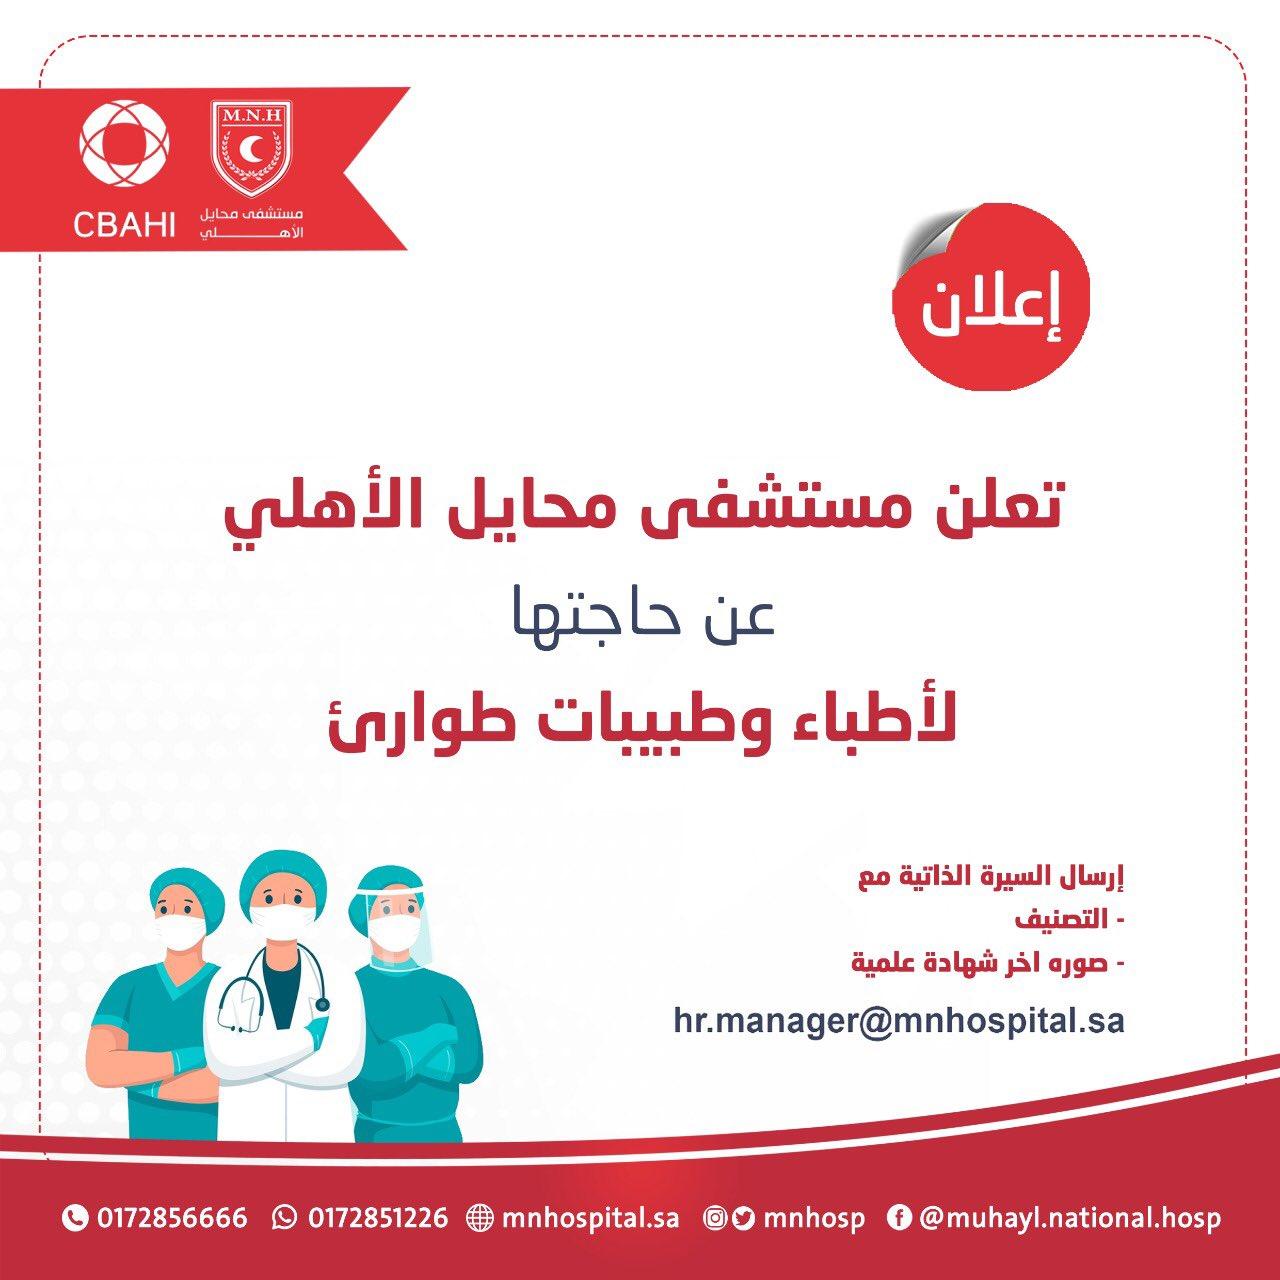 وظائف طبية للجنسين فى #مستشفى_محايل_الأهلي - أطباء و طبيبات طوارىء الايميل hr.manager@mnhospital.sa #محايل_عسير #محايل #وظائف_طبية #وظائف